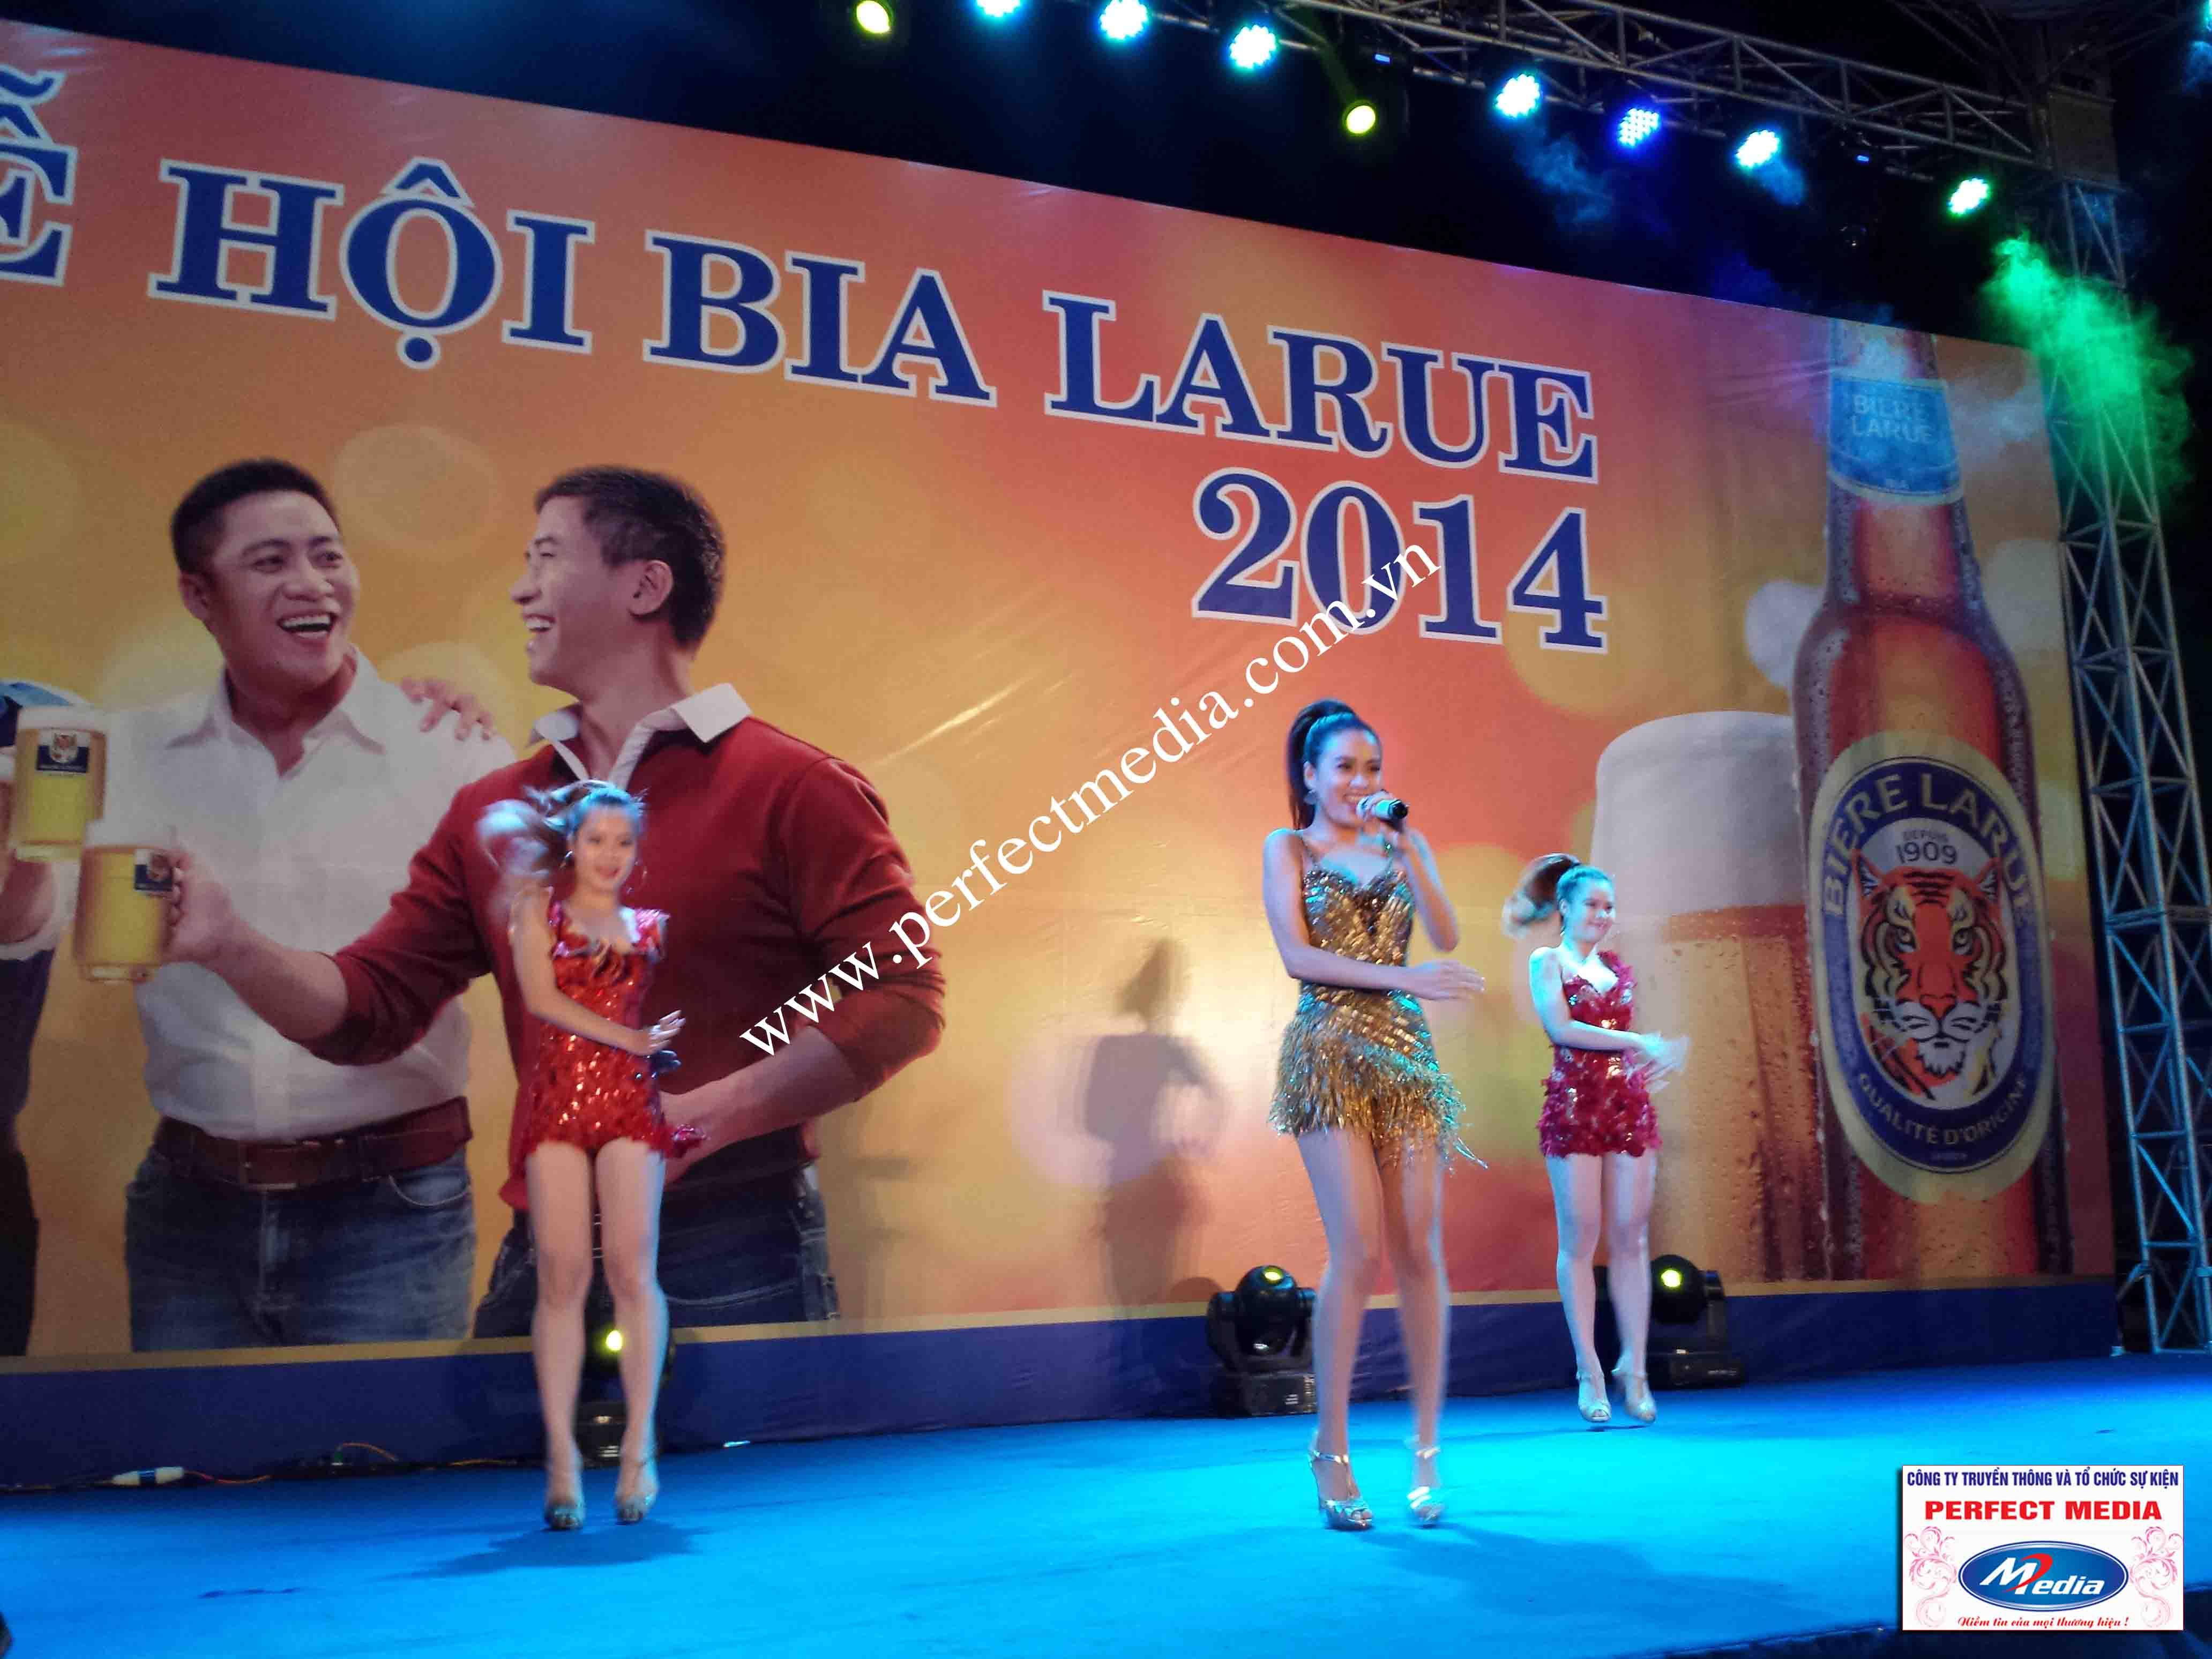 Hình ảnh sự kiện Tour Festival Bia Larue tại các thành phố Hạ Long - Hà Tĩnh và thành phố Vinh 20